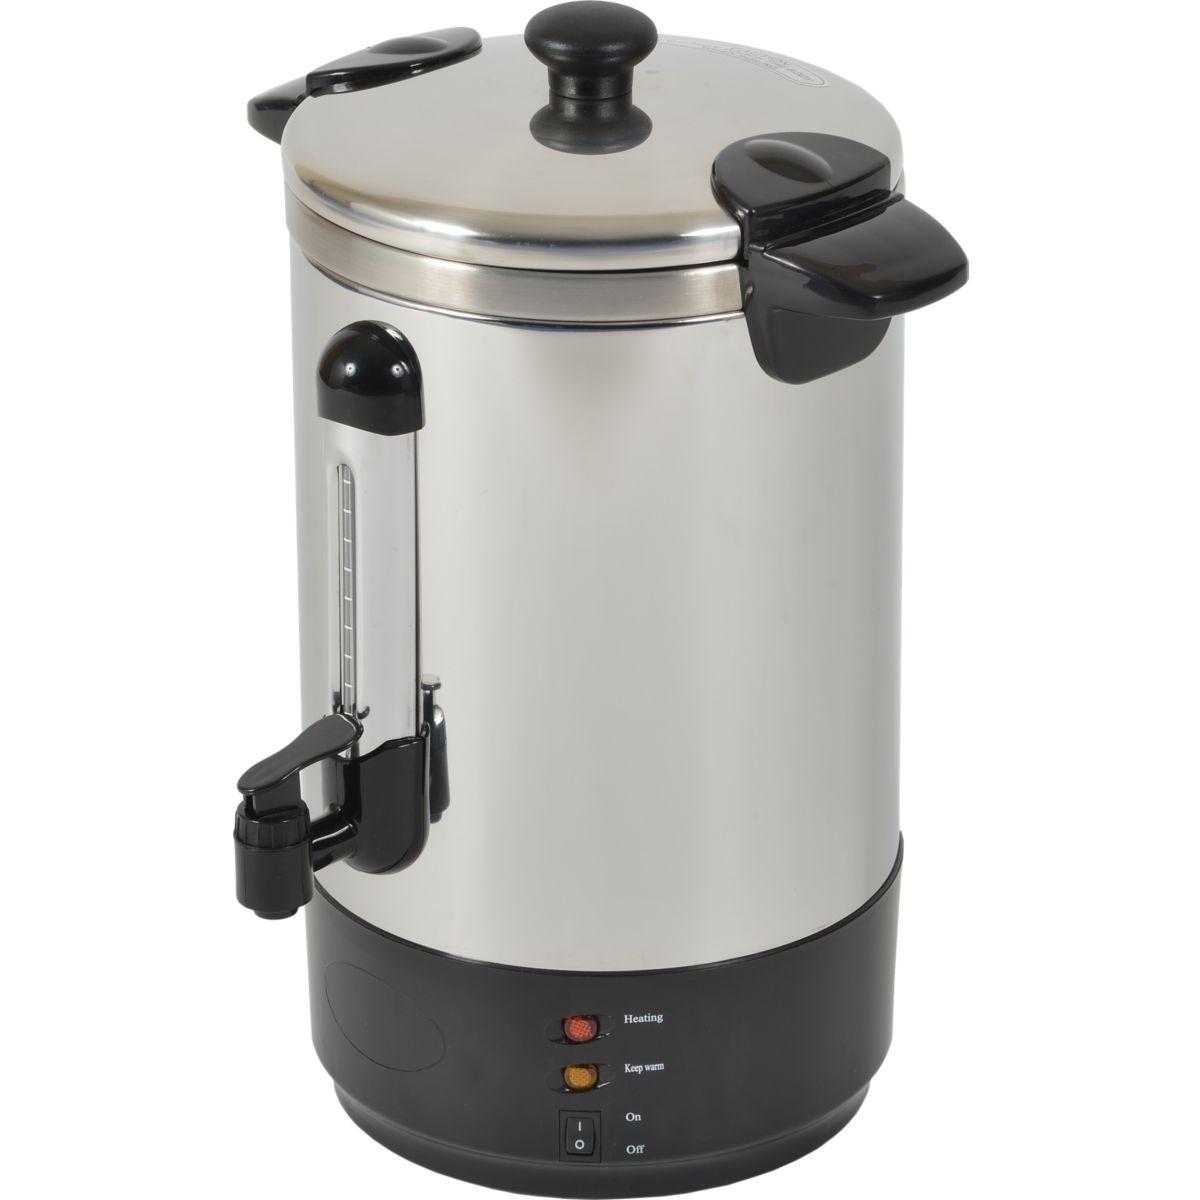 Cafetière filtre kitchen chef pro 15l zj-150 - 7% de remise immédiate avec le code : cool7 (photo)